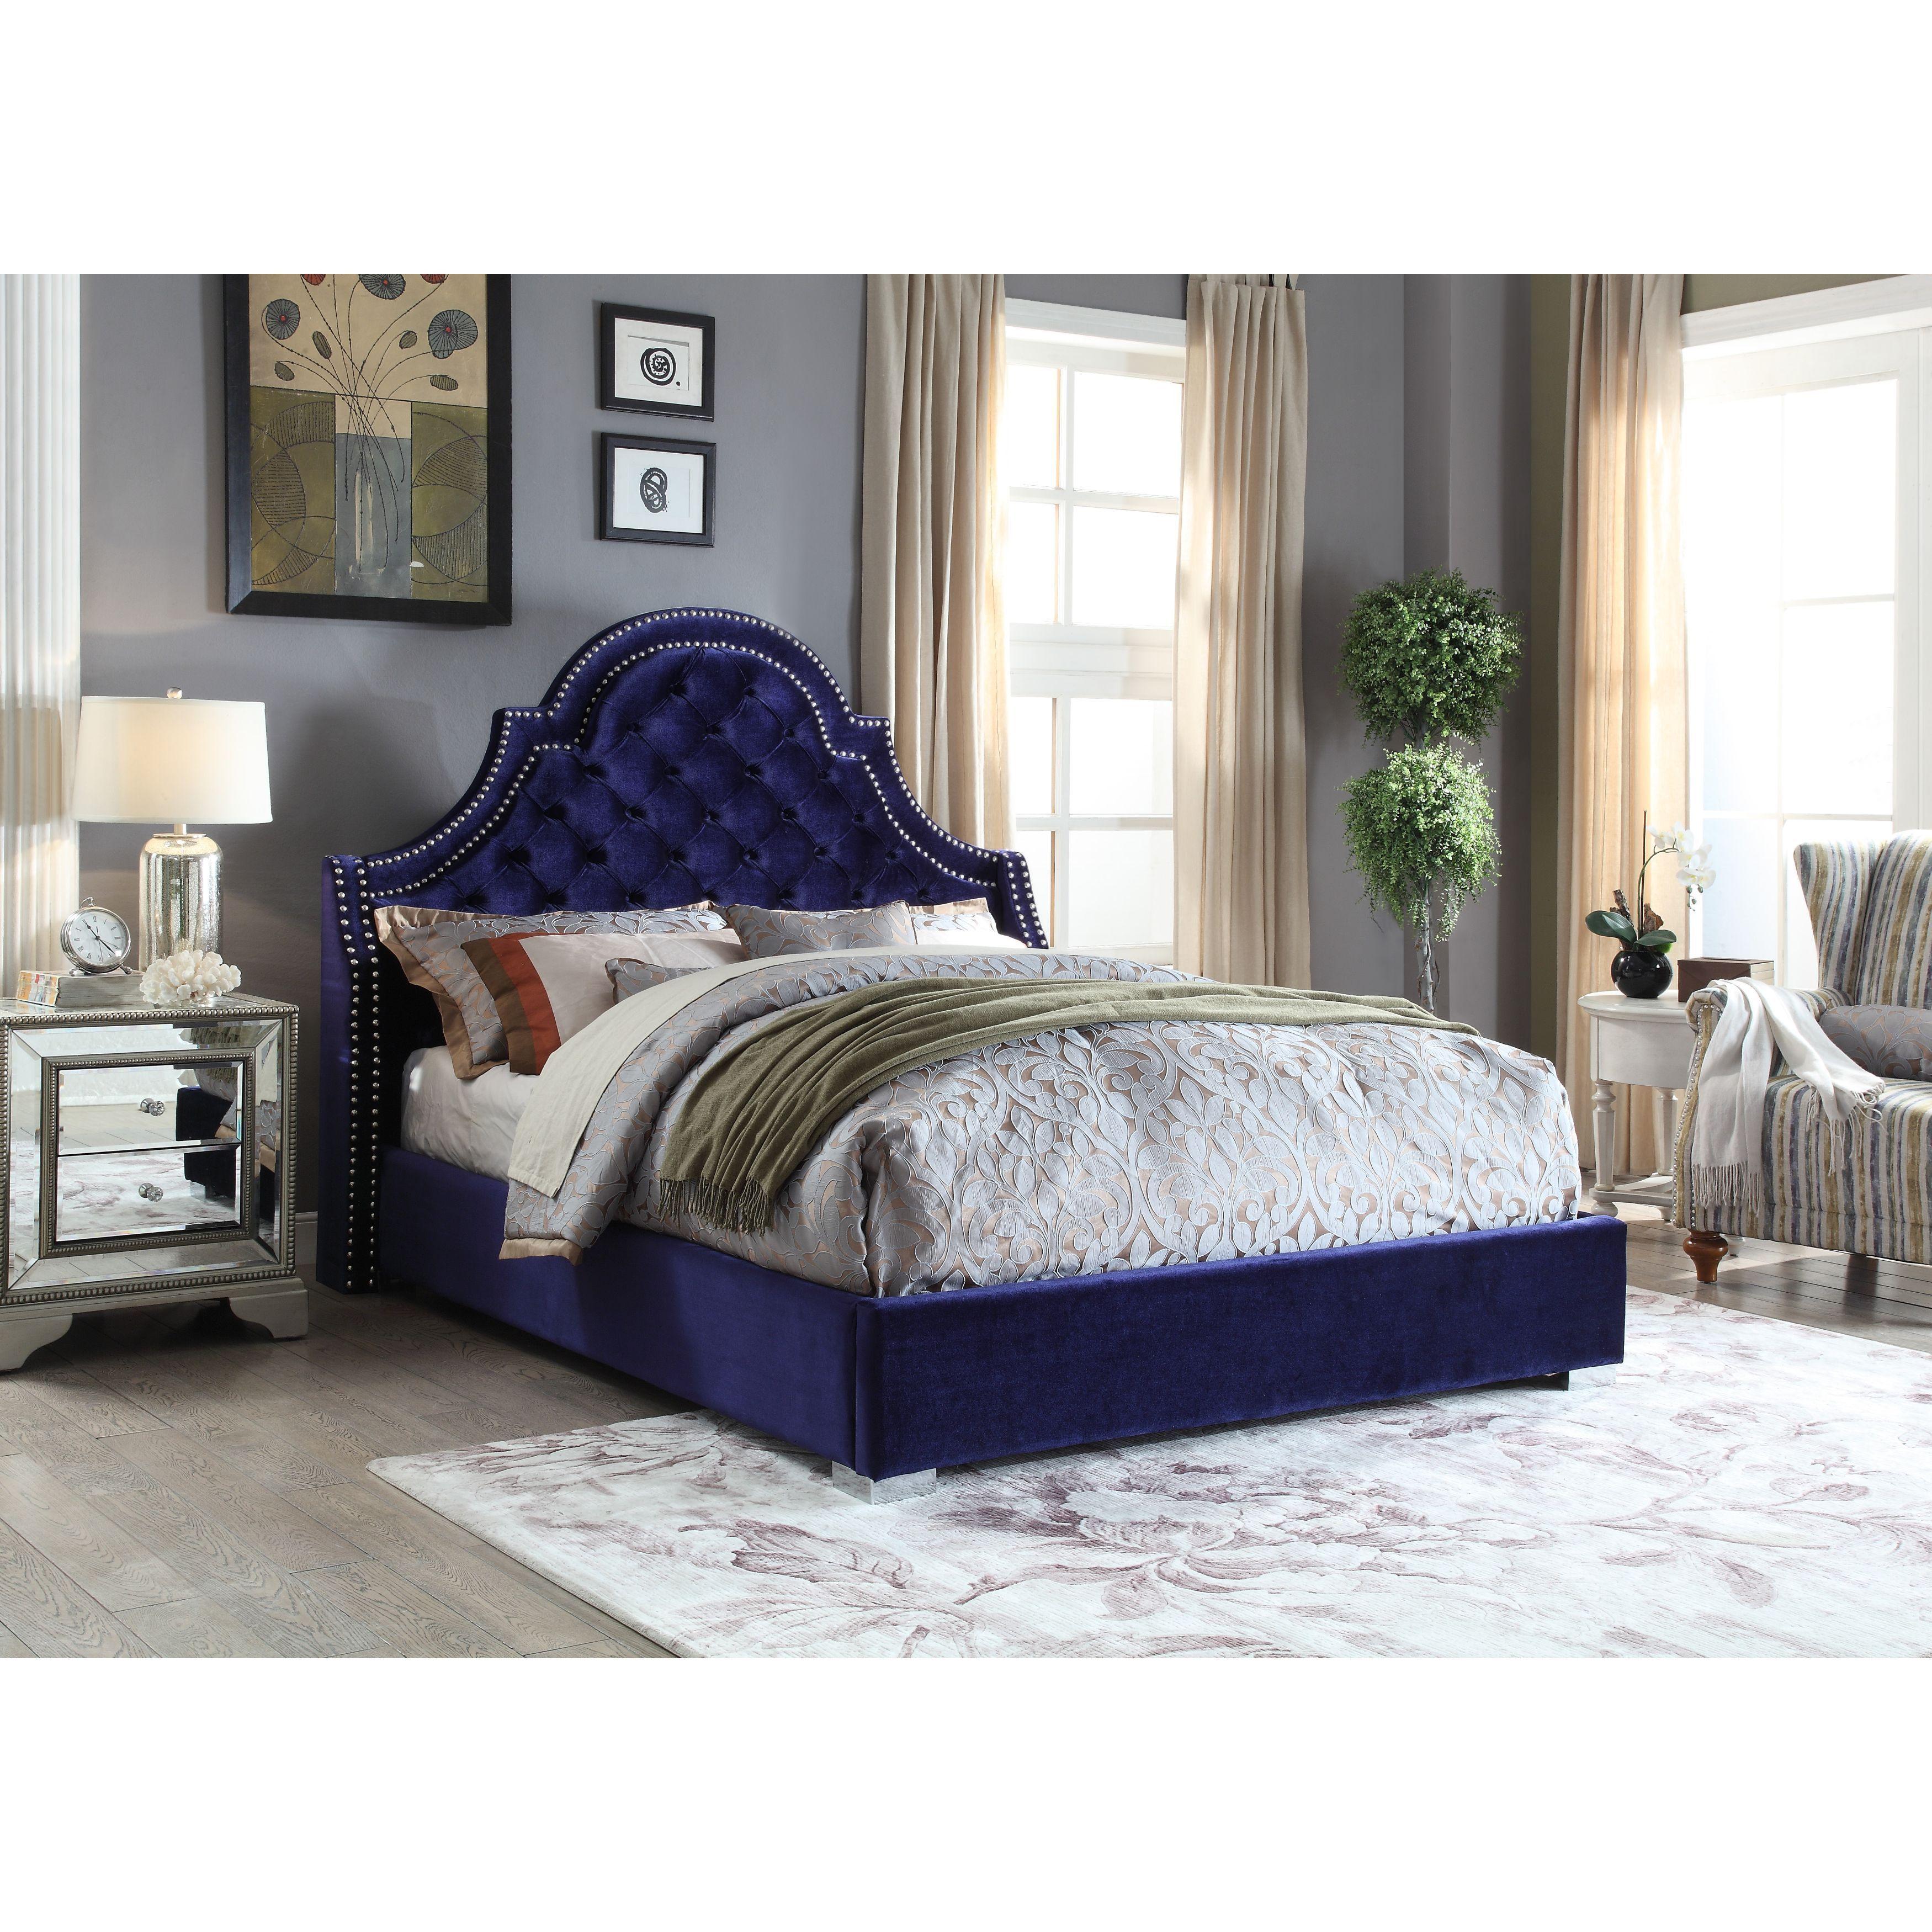 meridian madison navy velvet bed king blue velvet bed navy